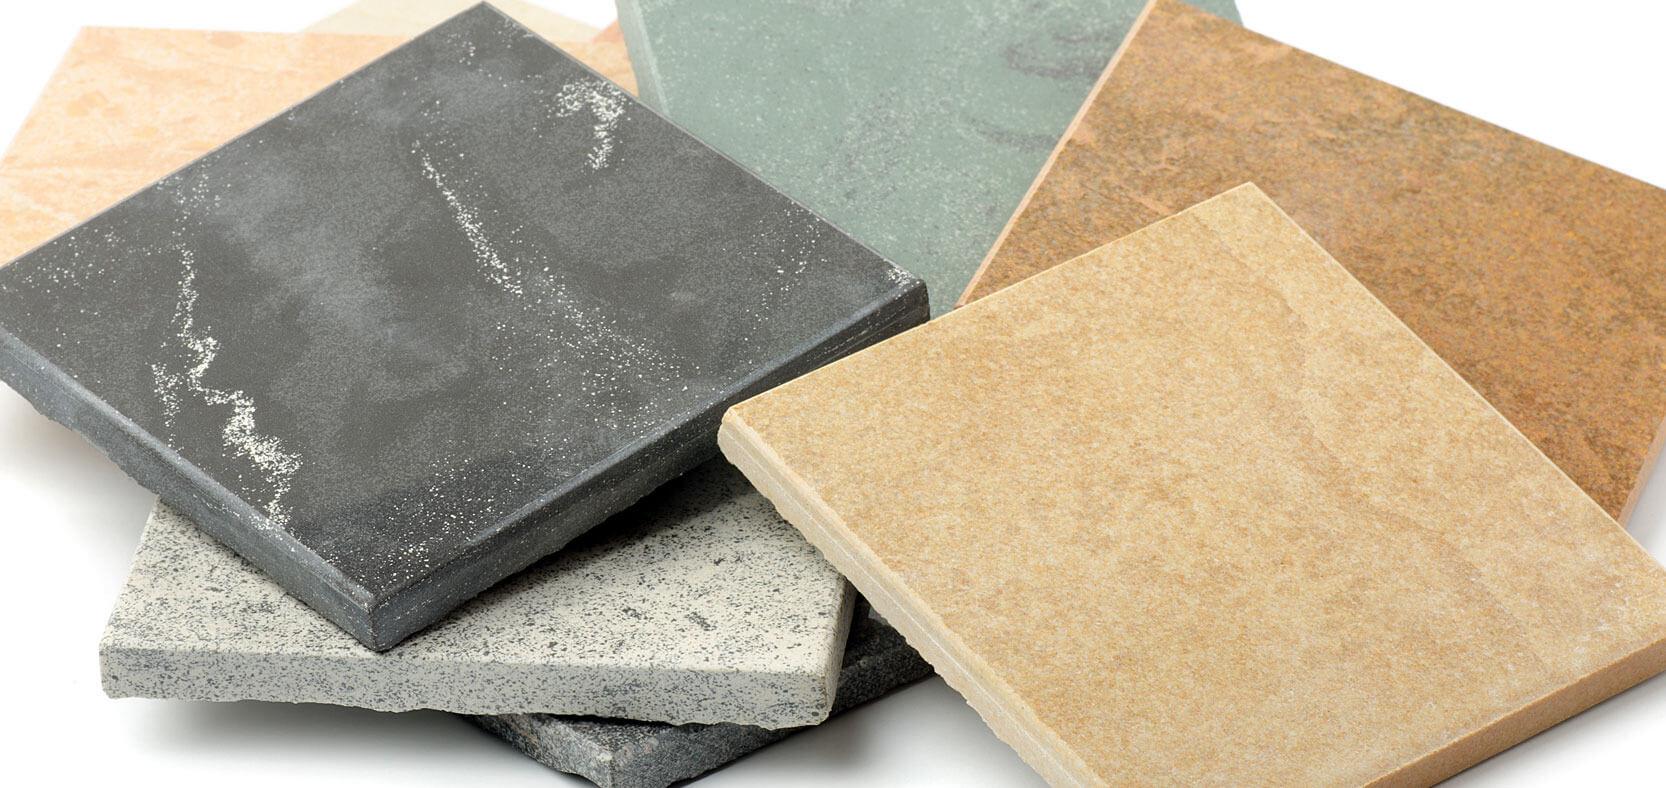 decoracao de interiores povoa de varzim: para todo mundo de granitos, mármores e aglomerados de quartzo